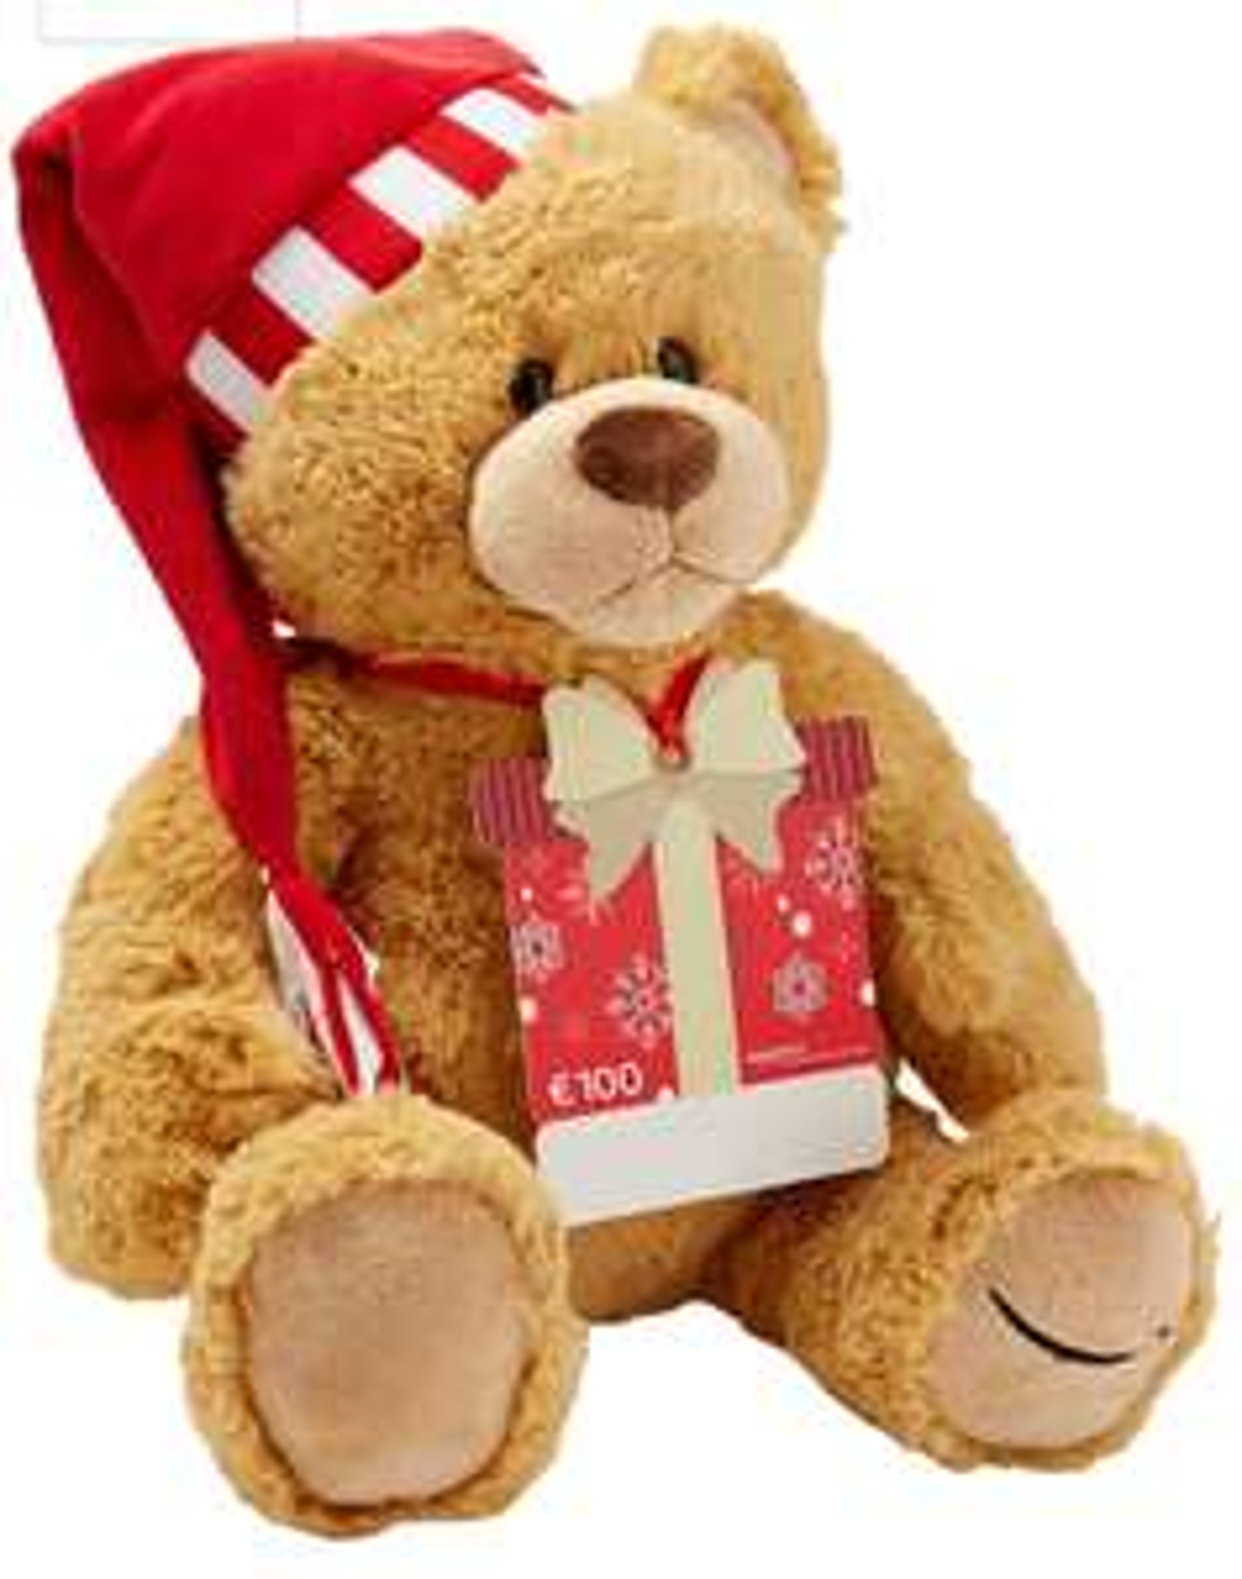 Amazon 100€ Geschenkgutschein mit Gratis Teddybär [Prime]